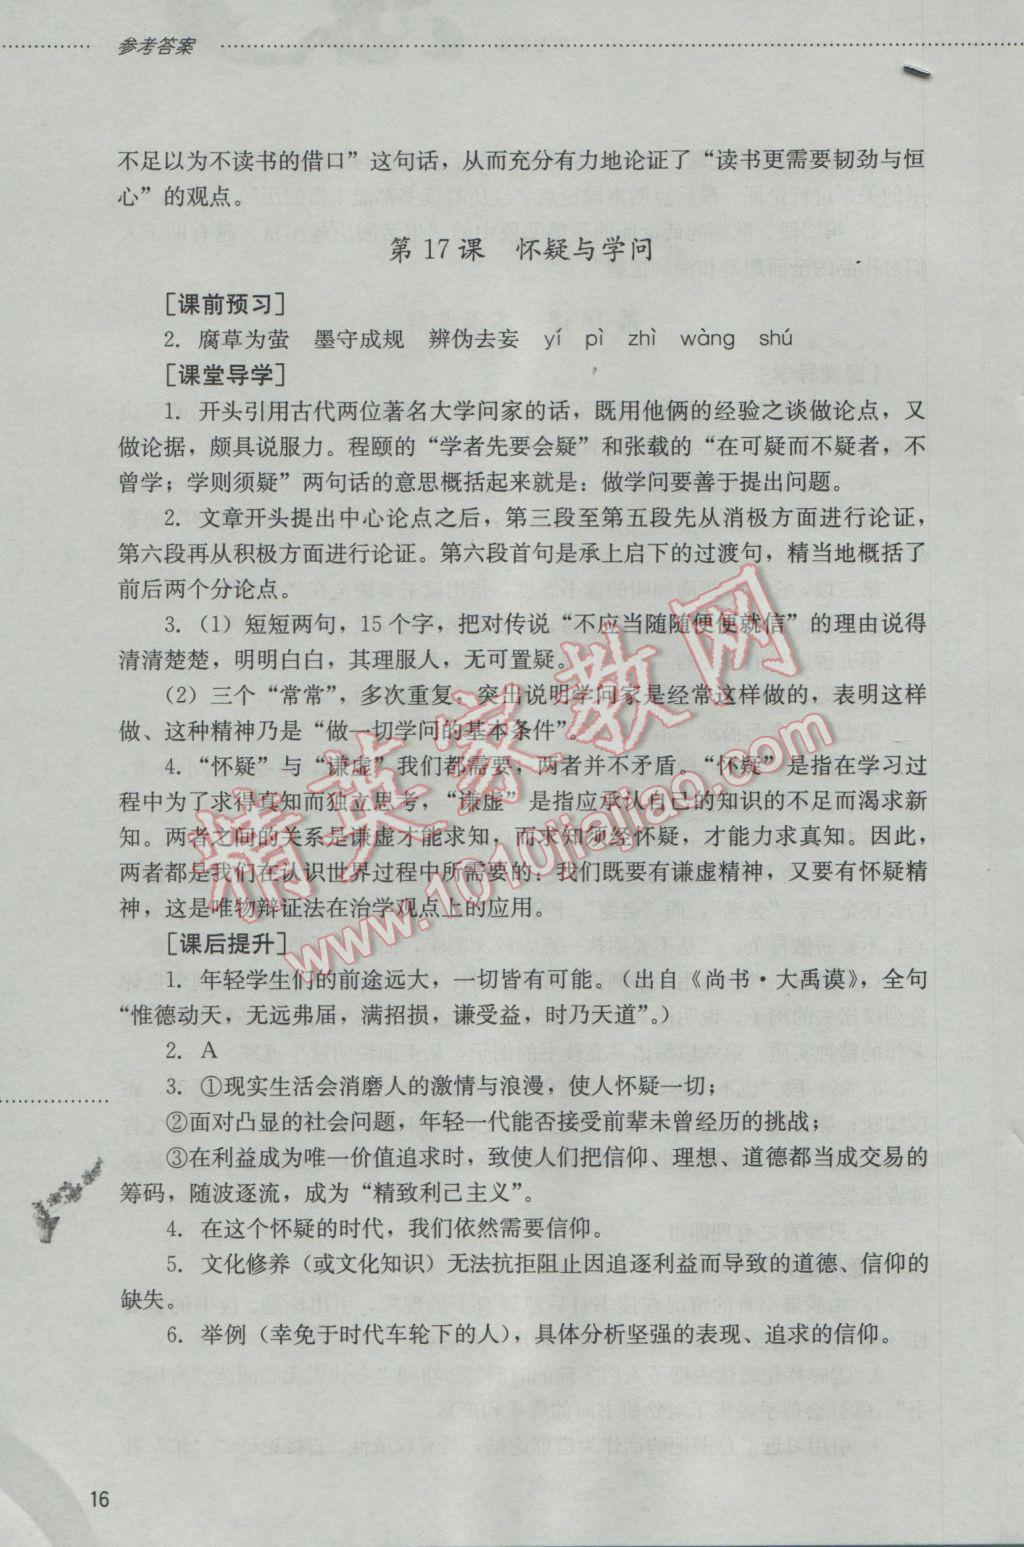 2016年同步训练八年级语文上册山东文艺出版社参考答案第16页